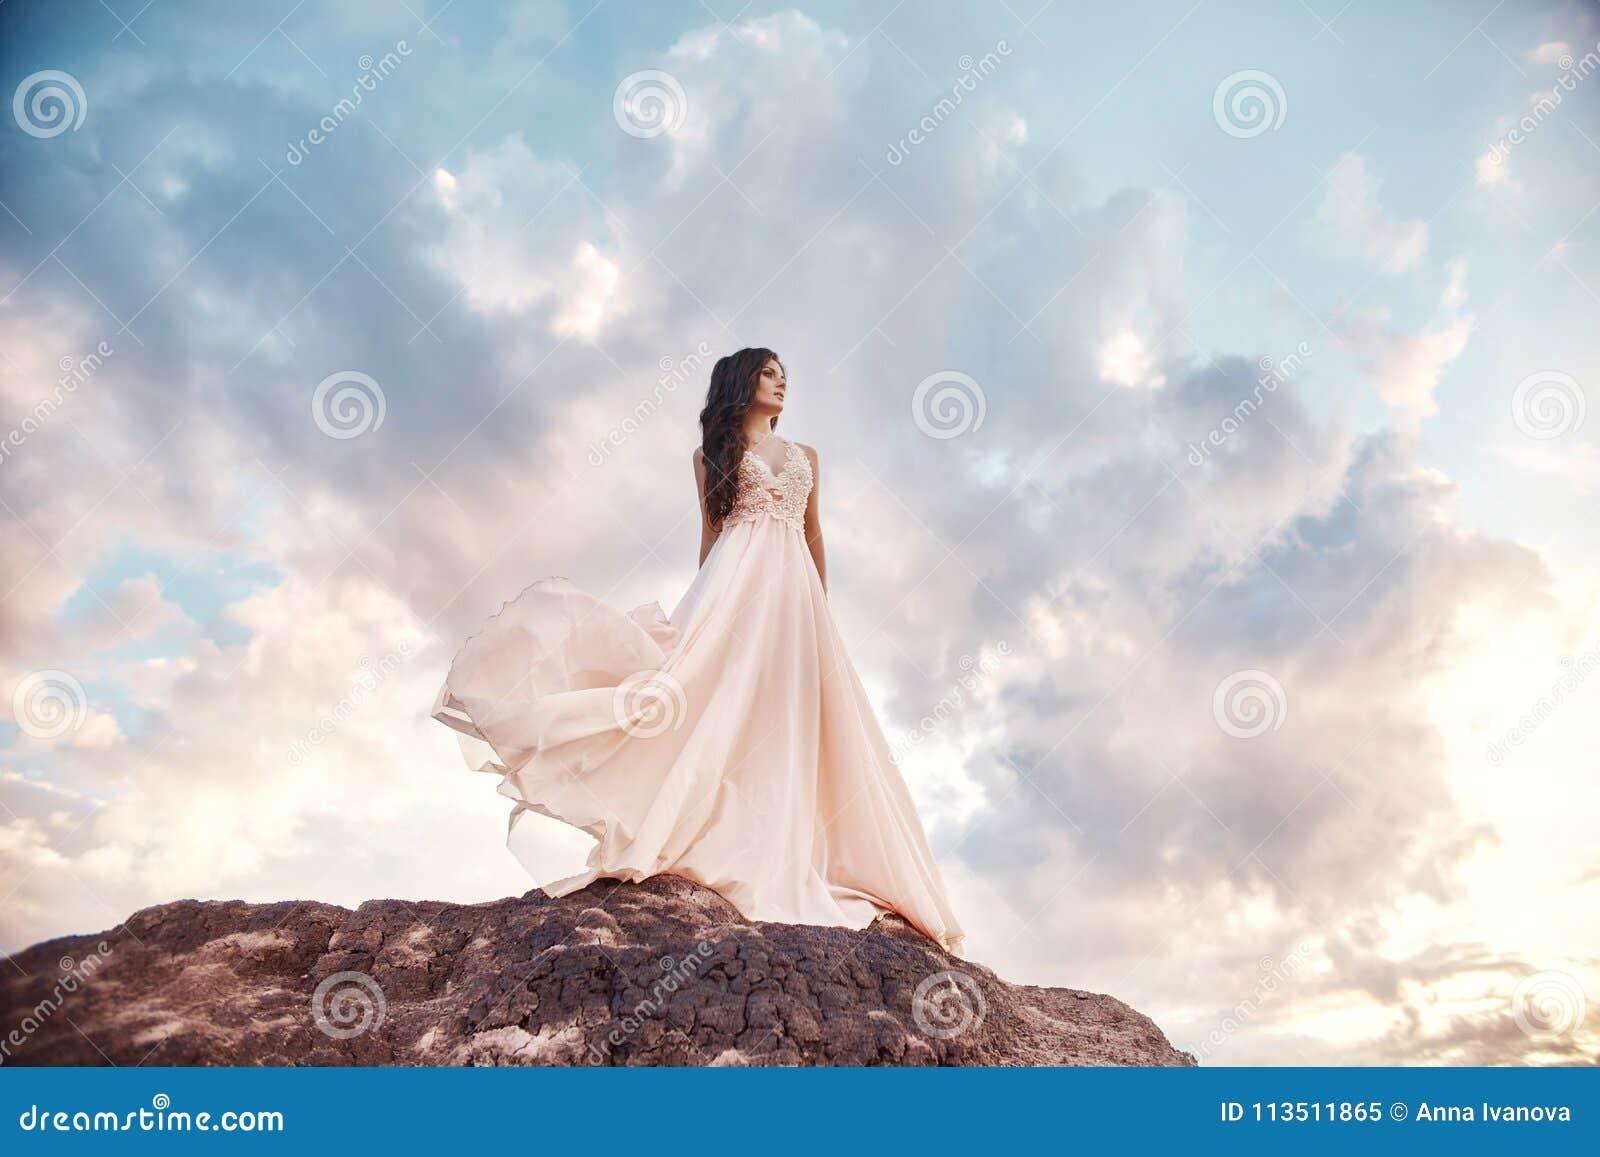 Beautiful girl in a light summer dress beige walks in the mountains. Light dress flutters in the wind, blue summer sky. Fabulous